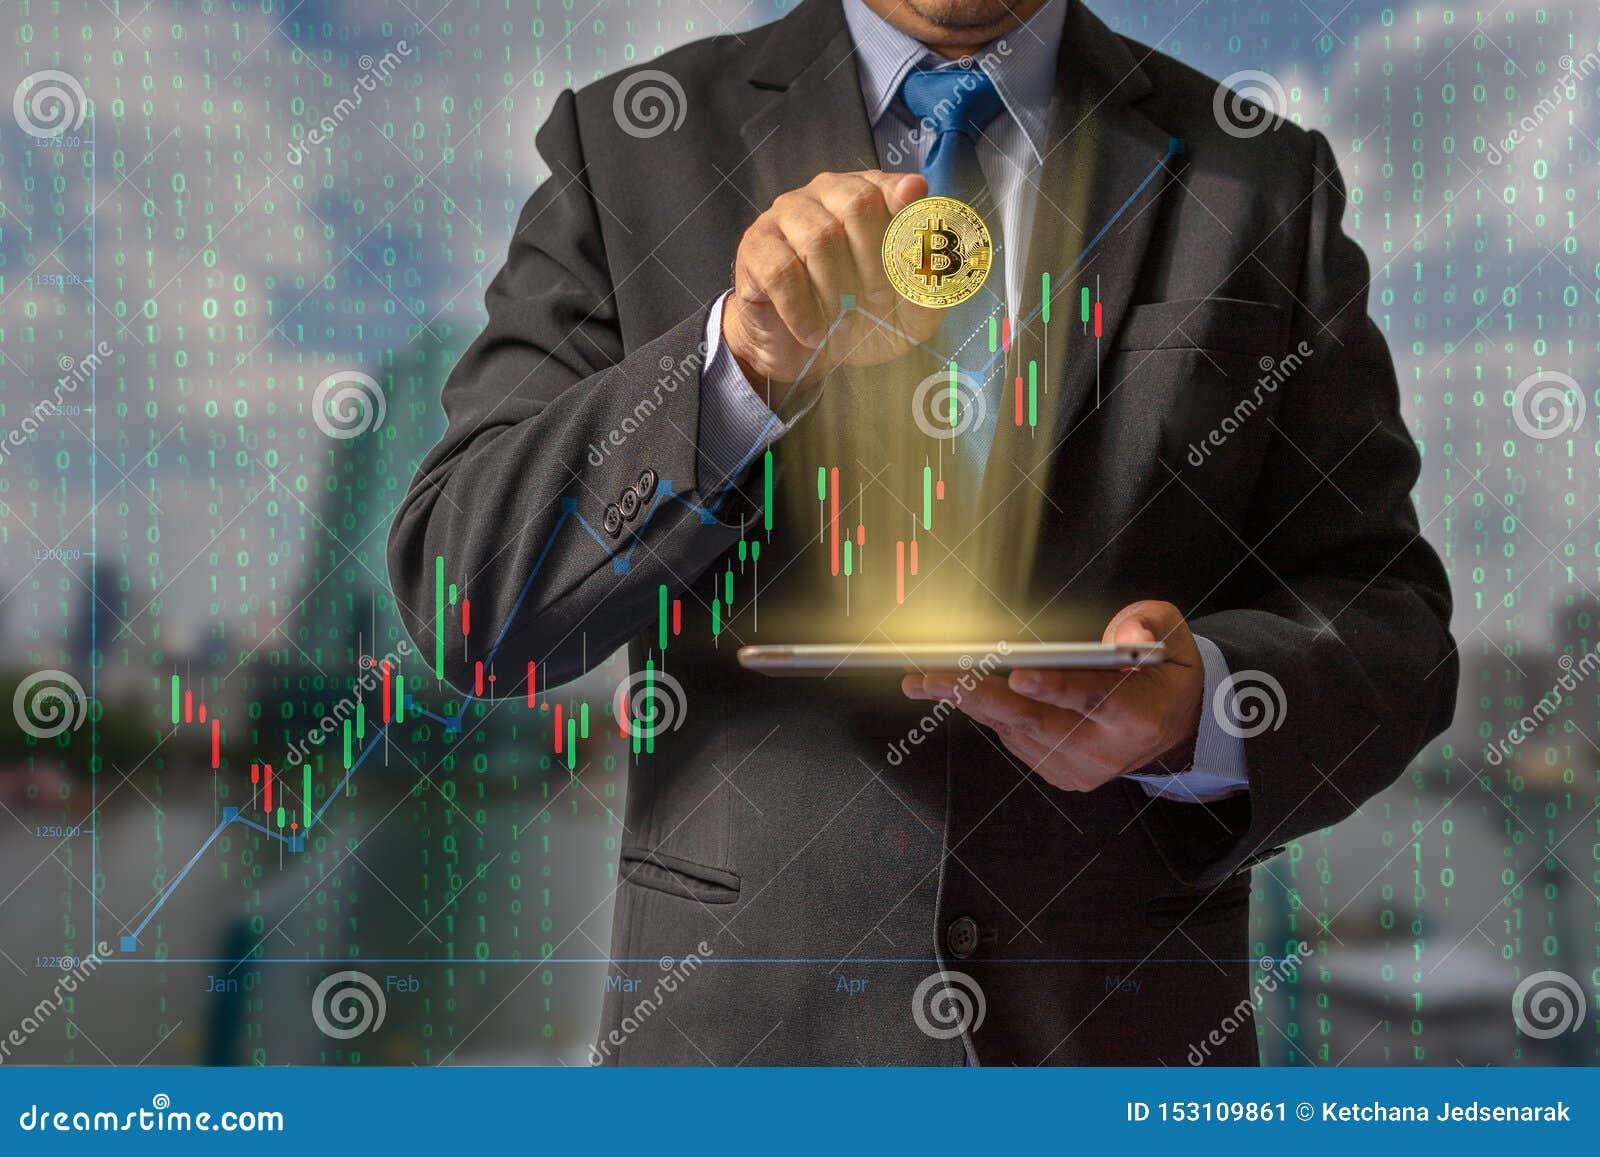 Transaktioner på internet, genom att handla till och med teknologi för bitcoinvalutablockchain till och med finansiella data till